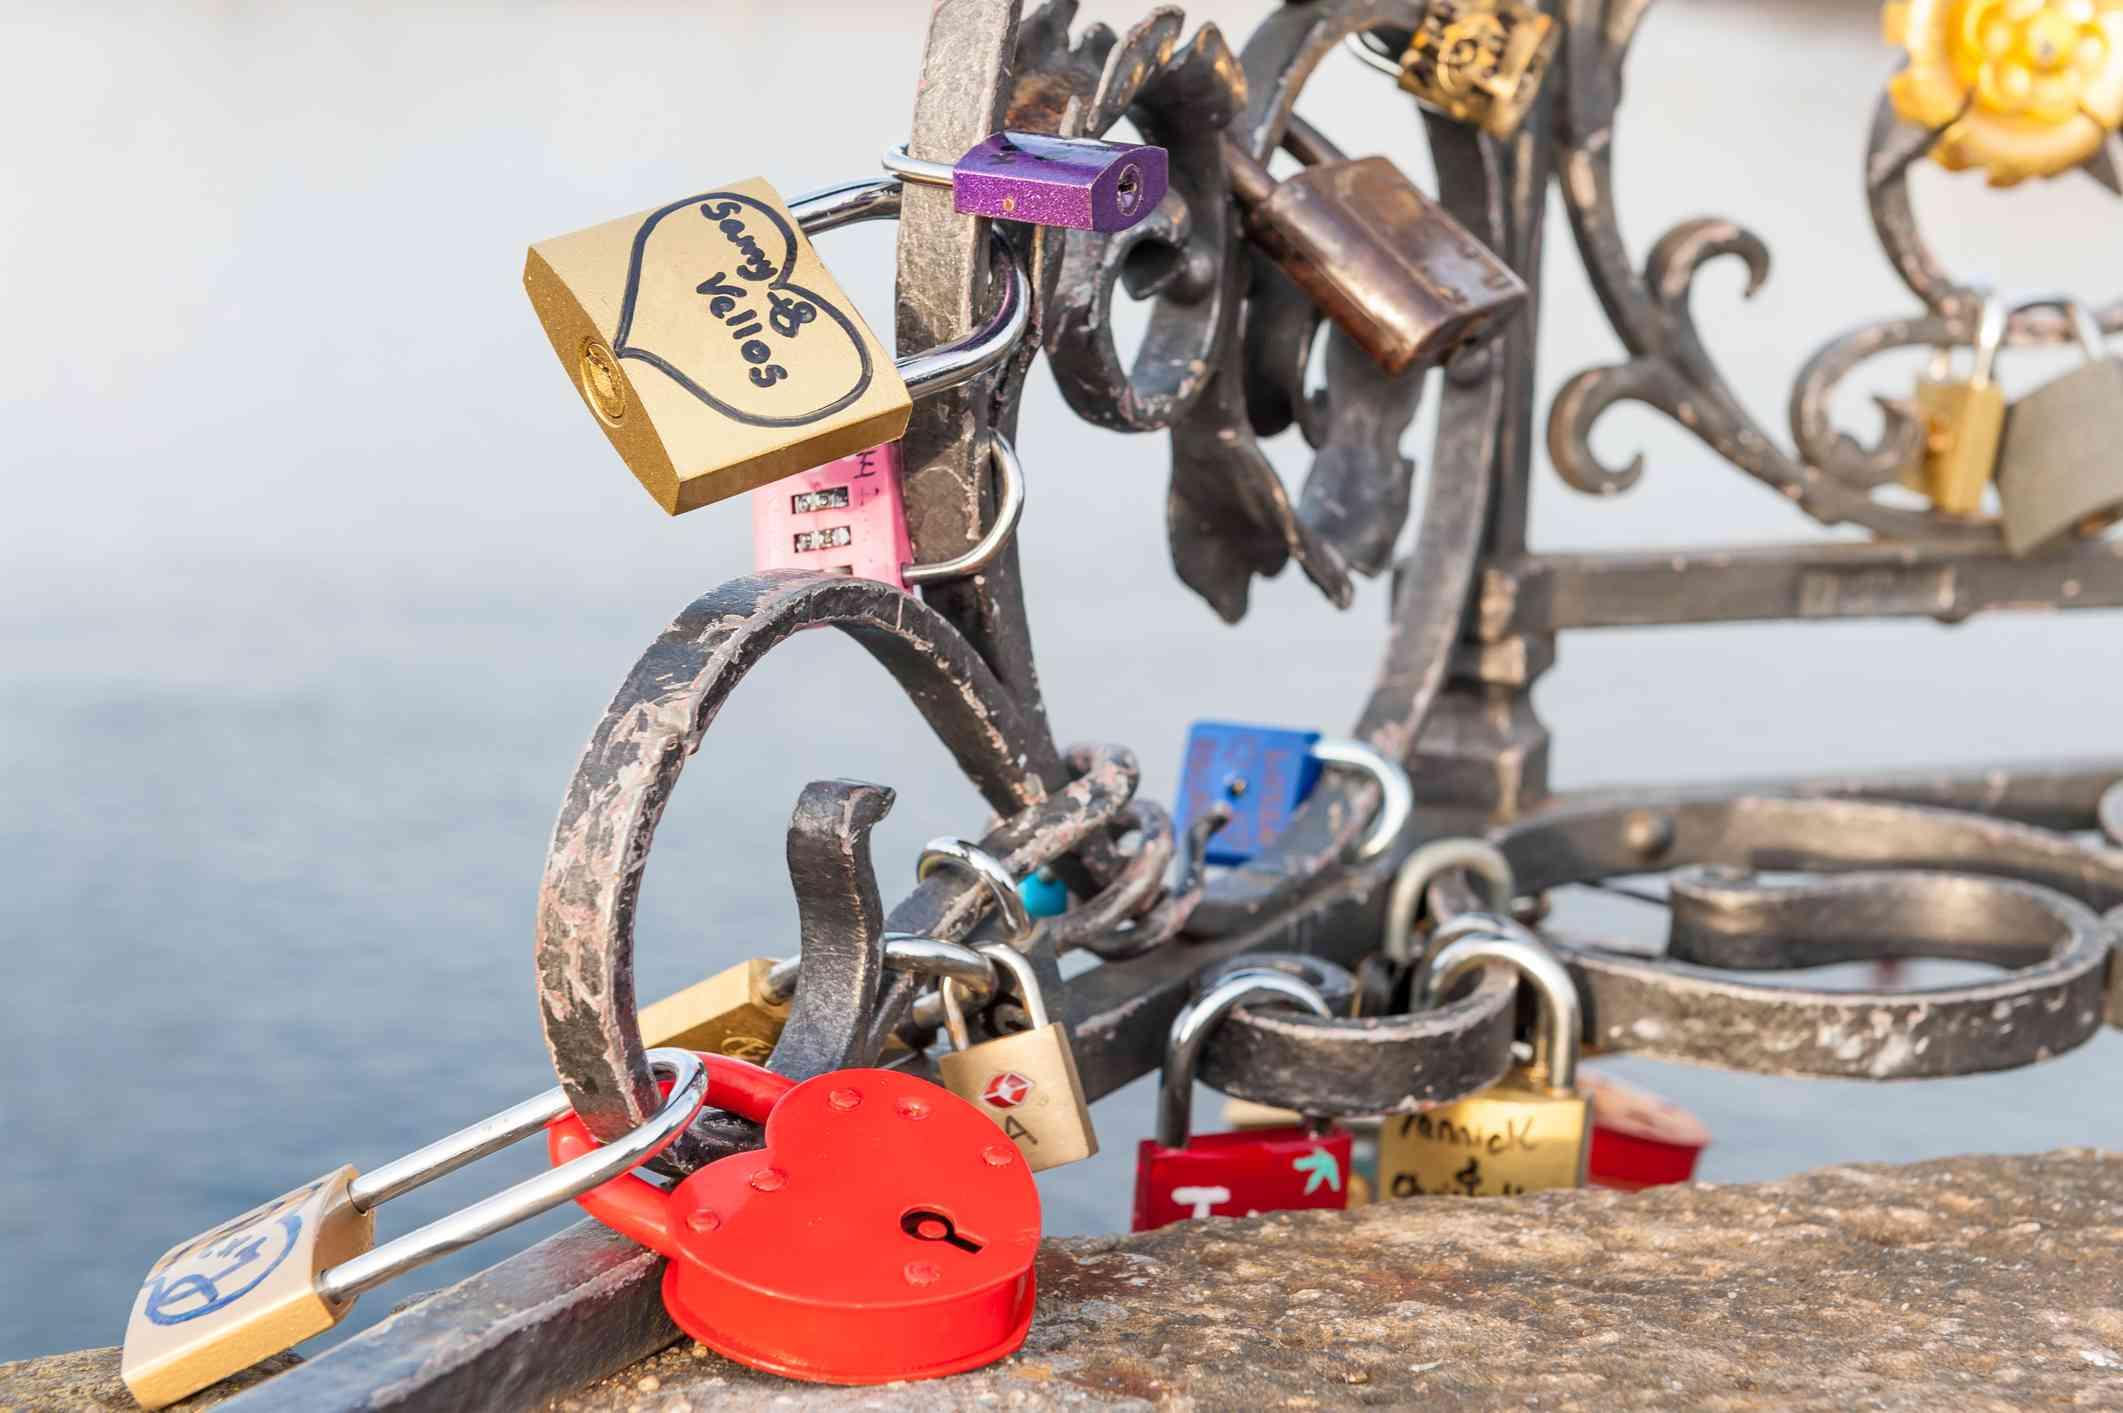 Ama y promete candados en el Puente de Carlos, Praga, República Checa